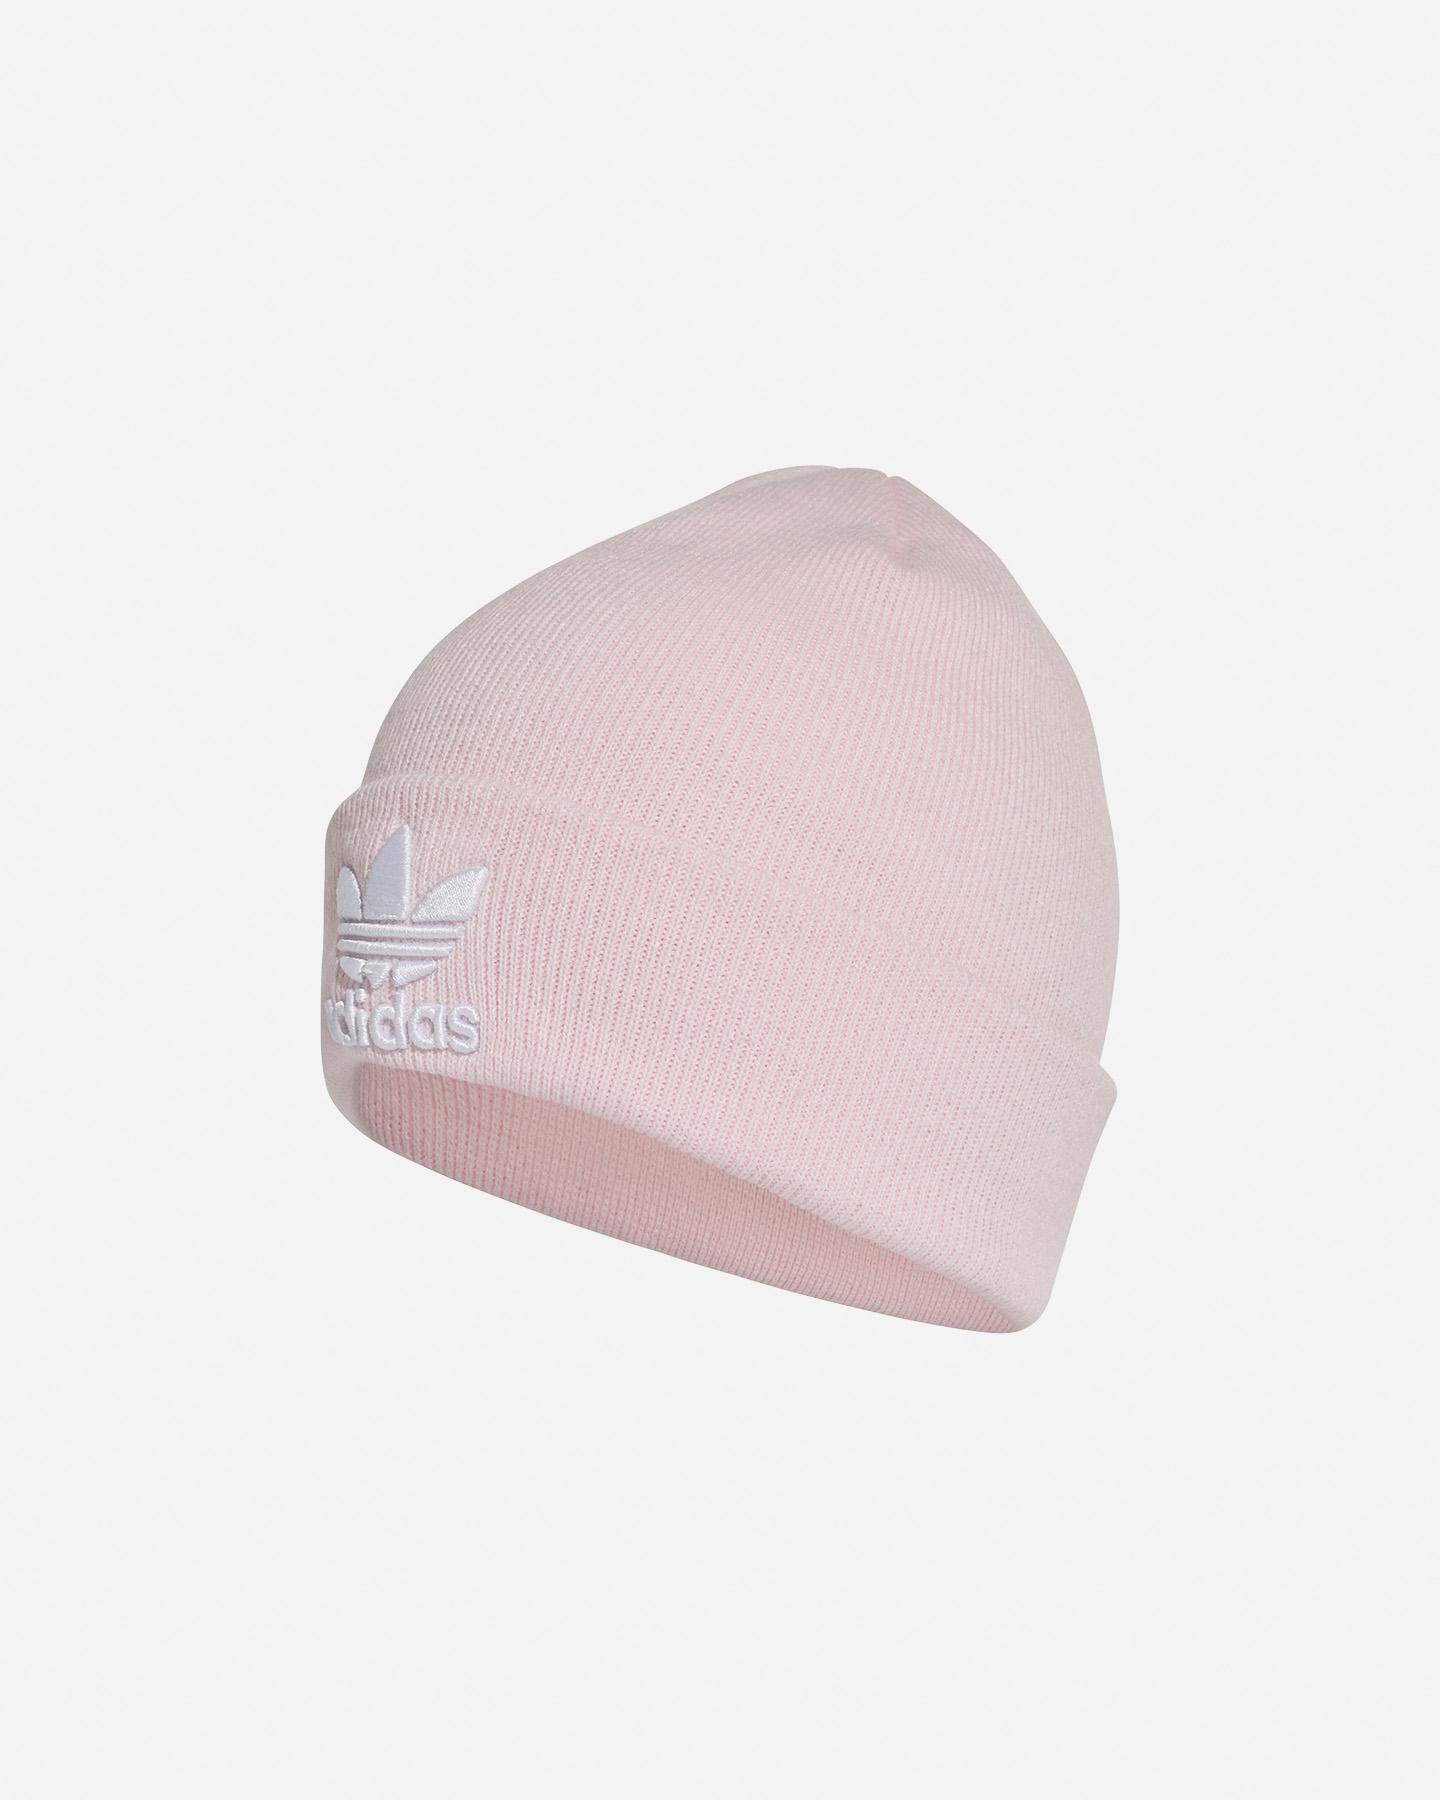 Prezzo del 50% stile classico ultimo sconto cappelli salomon